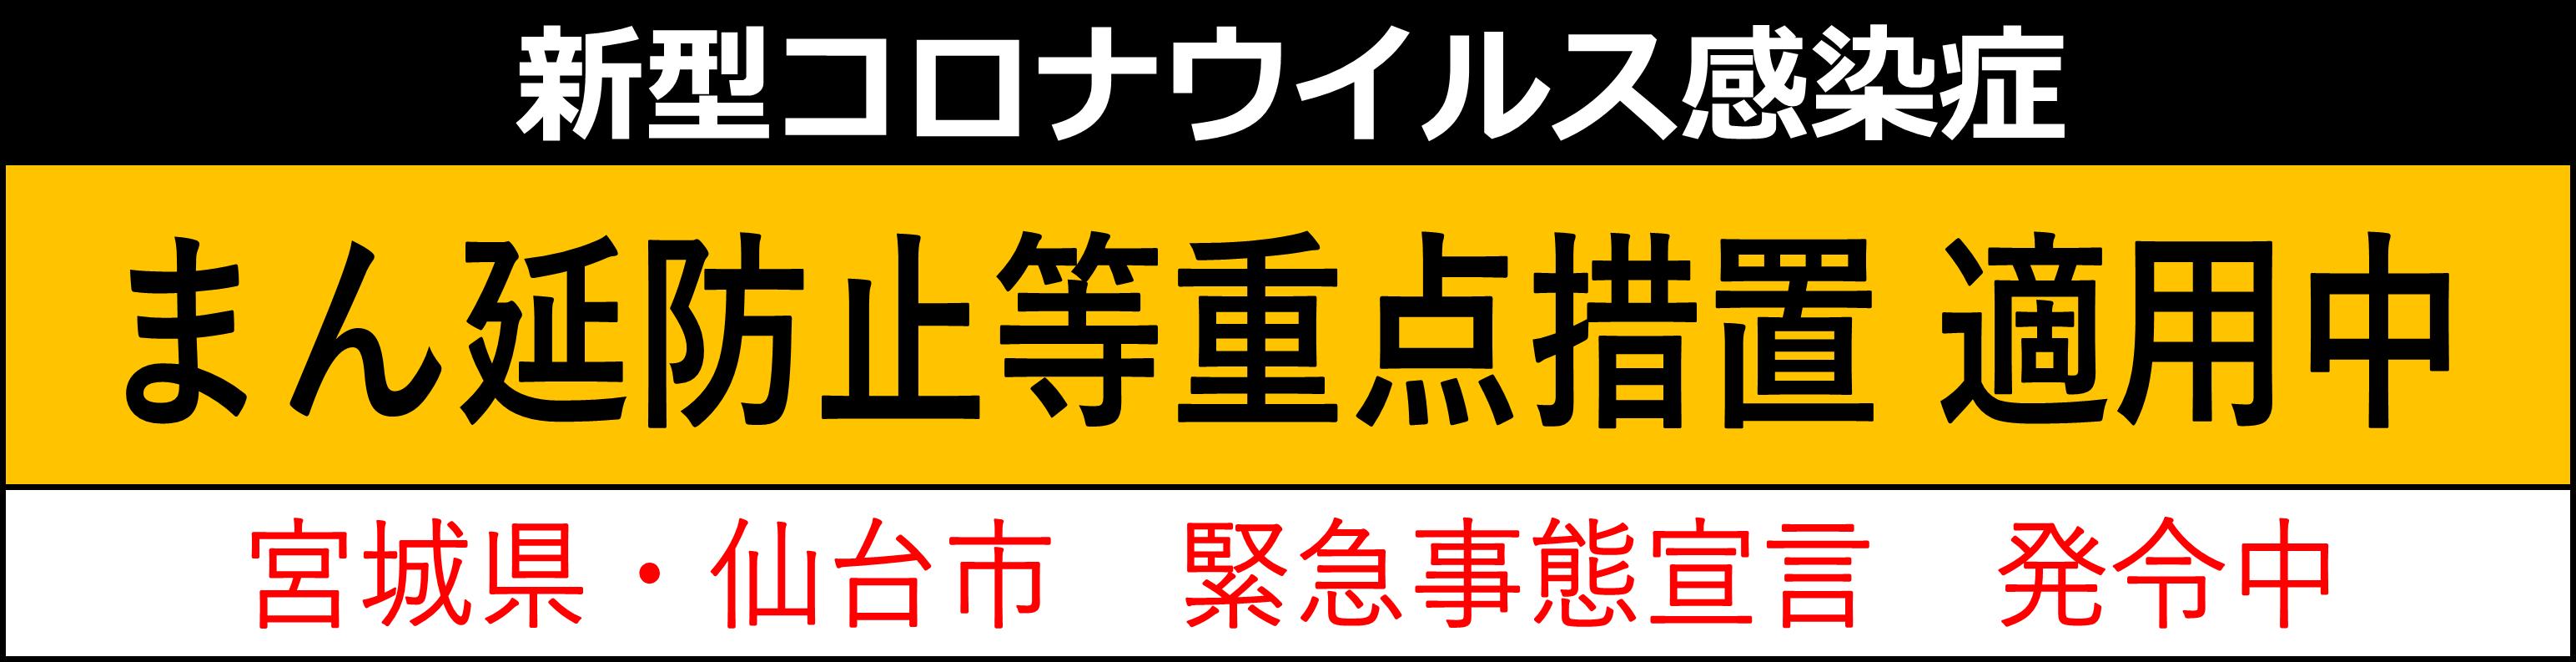 まん延防止(R3.8.20~)